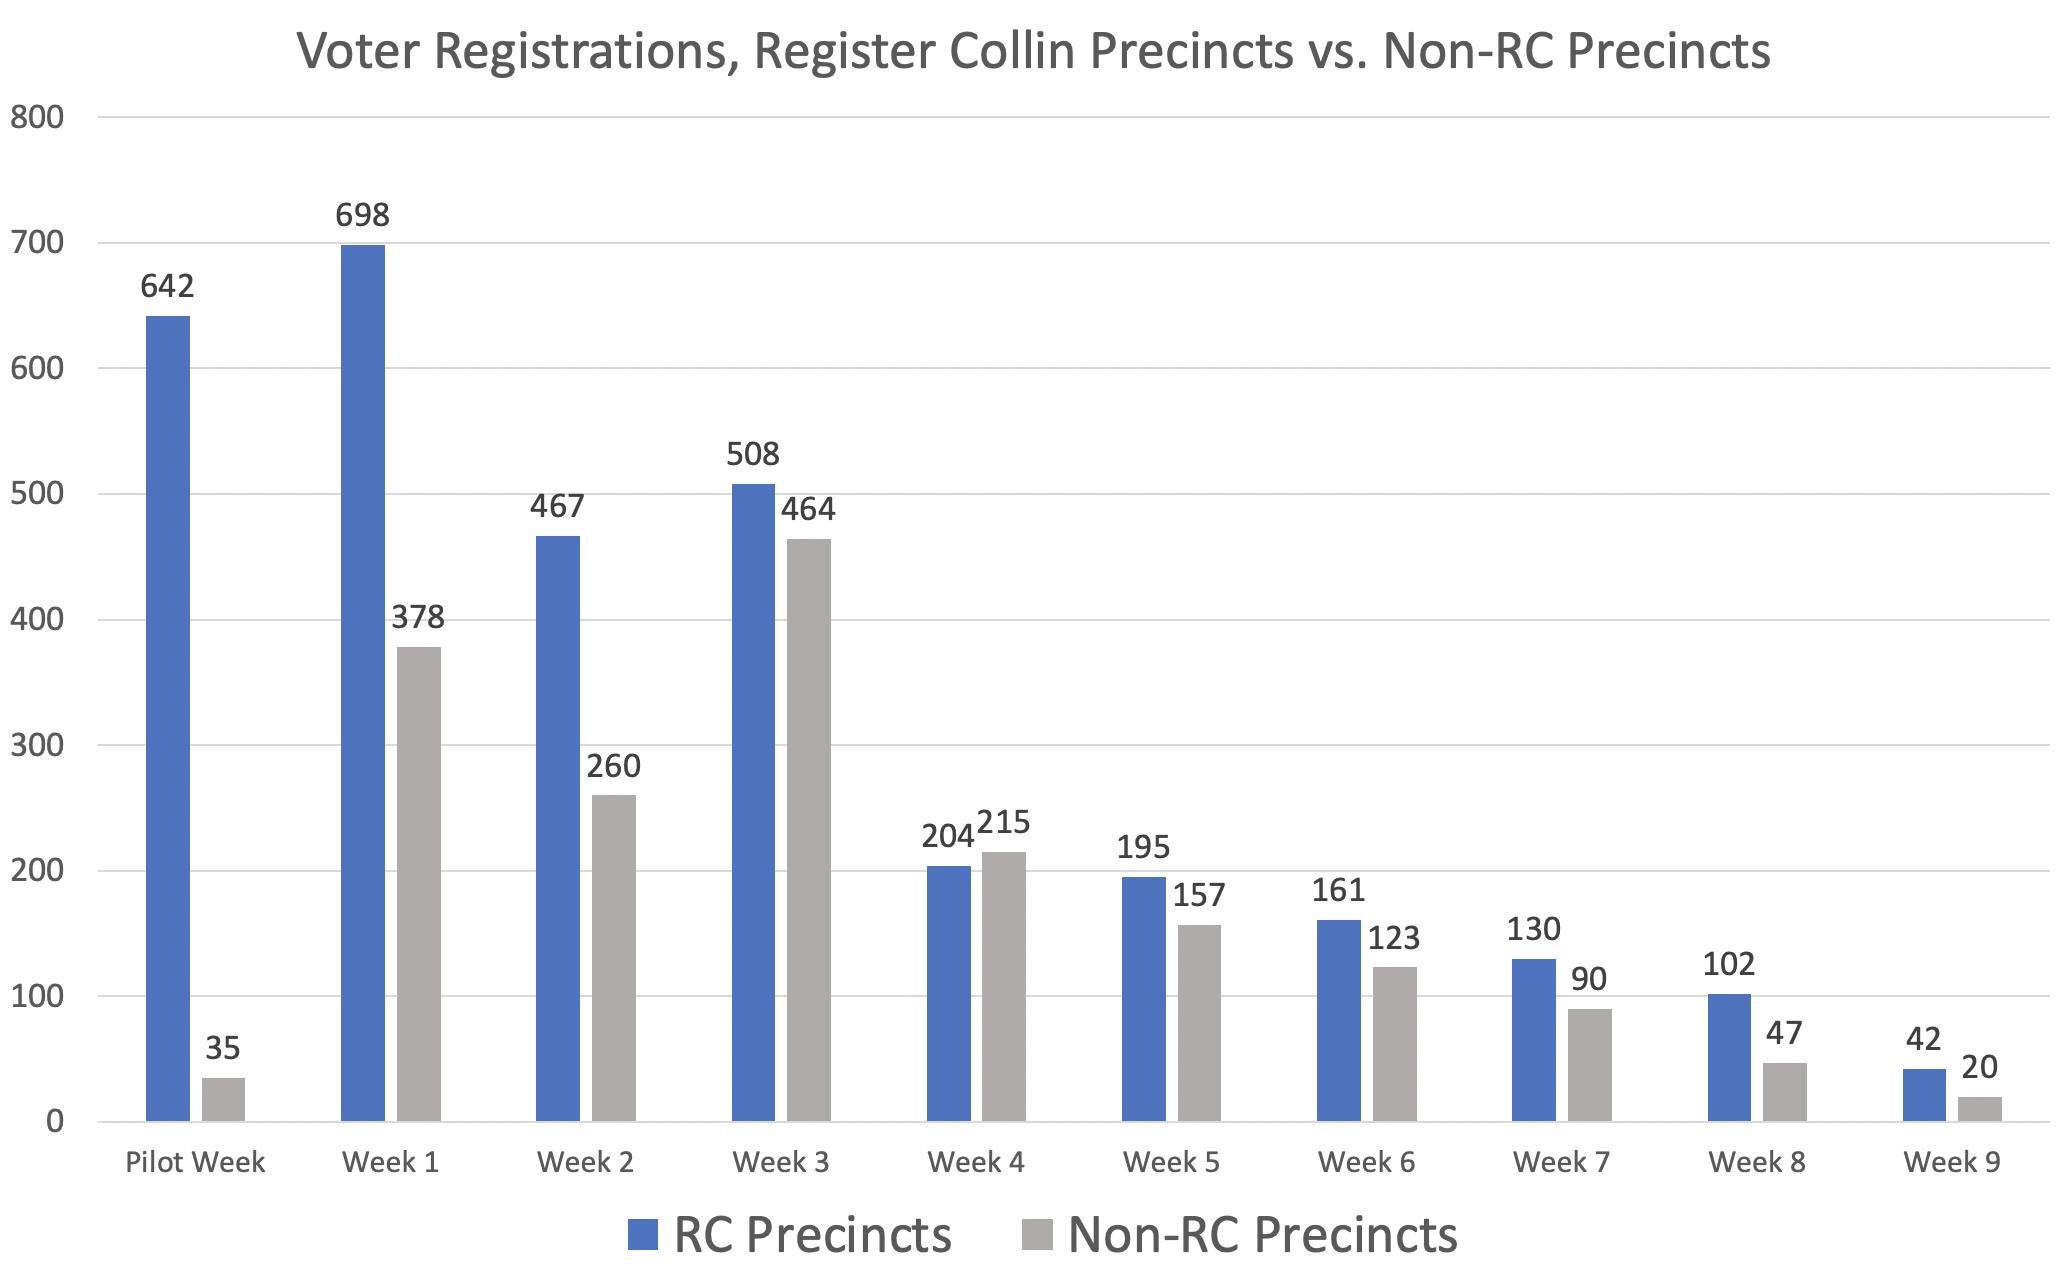 Bar chart showing Register Collin voter registration data